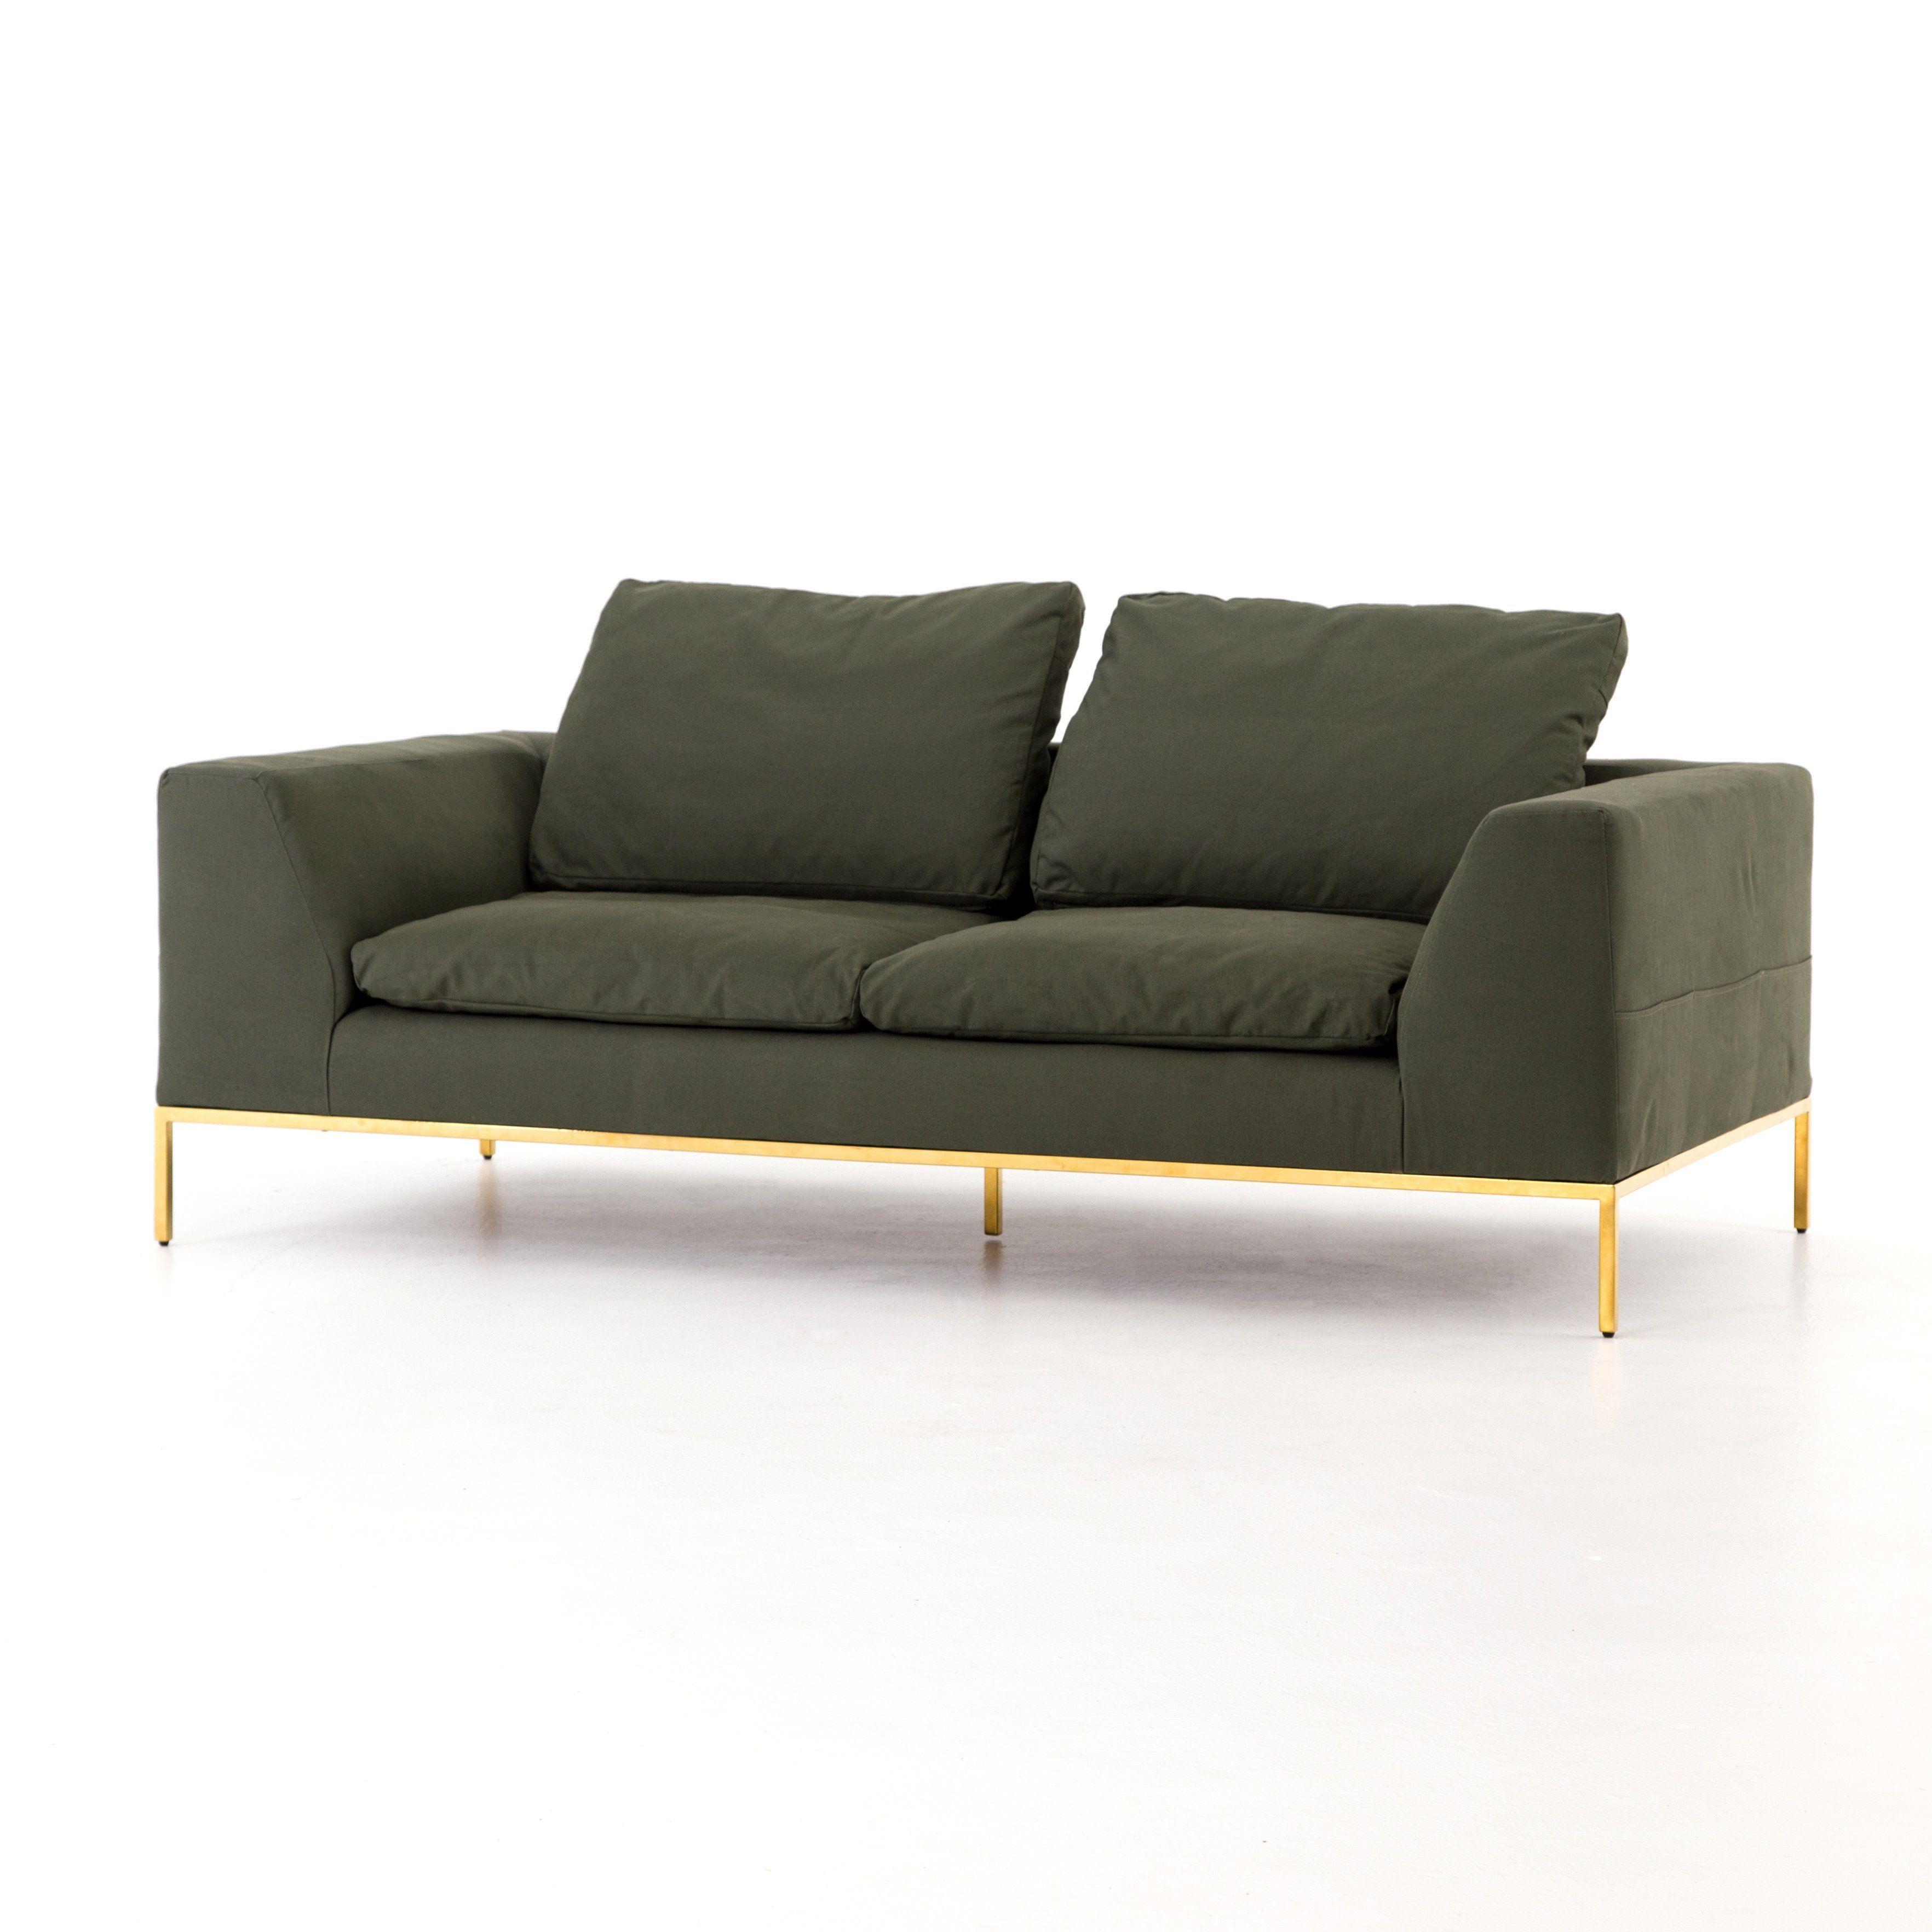 madelina 79 products sofa green sofa outdoor sofa rh pinterest com